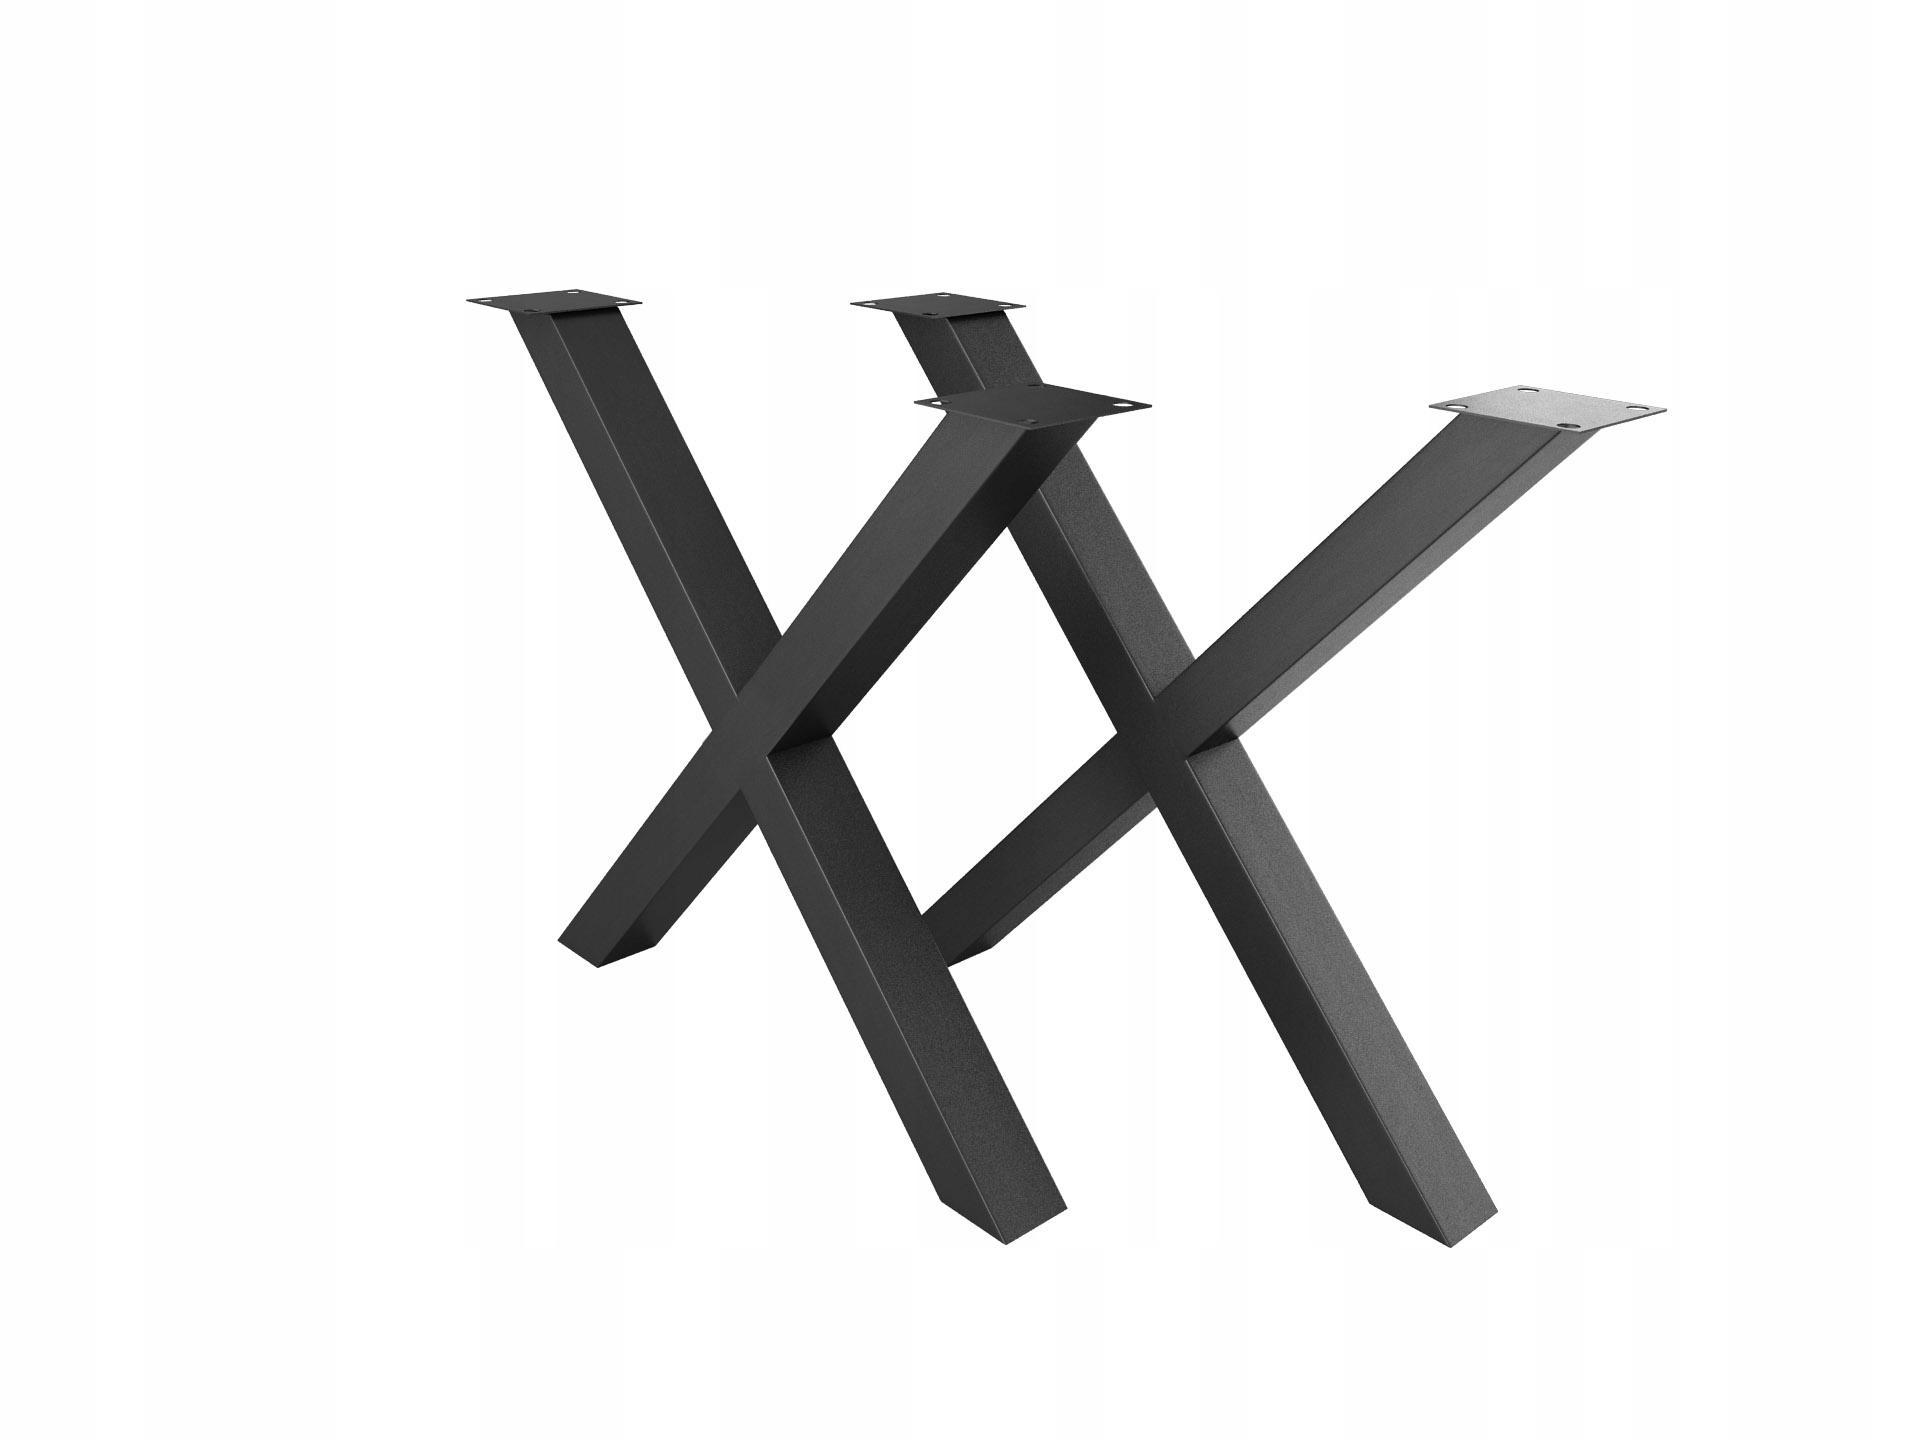 Nogi do stołu ławy X Loft industrial komplet 2szt.